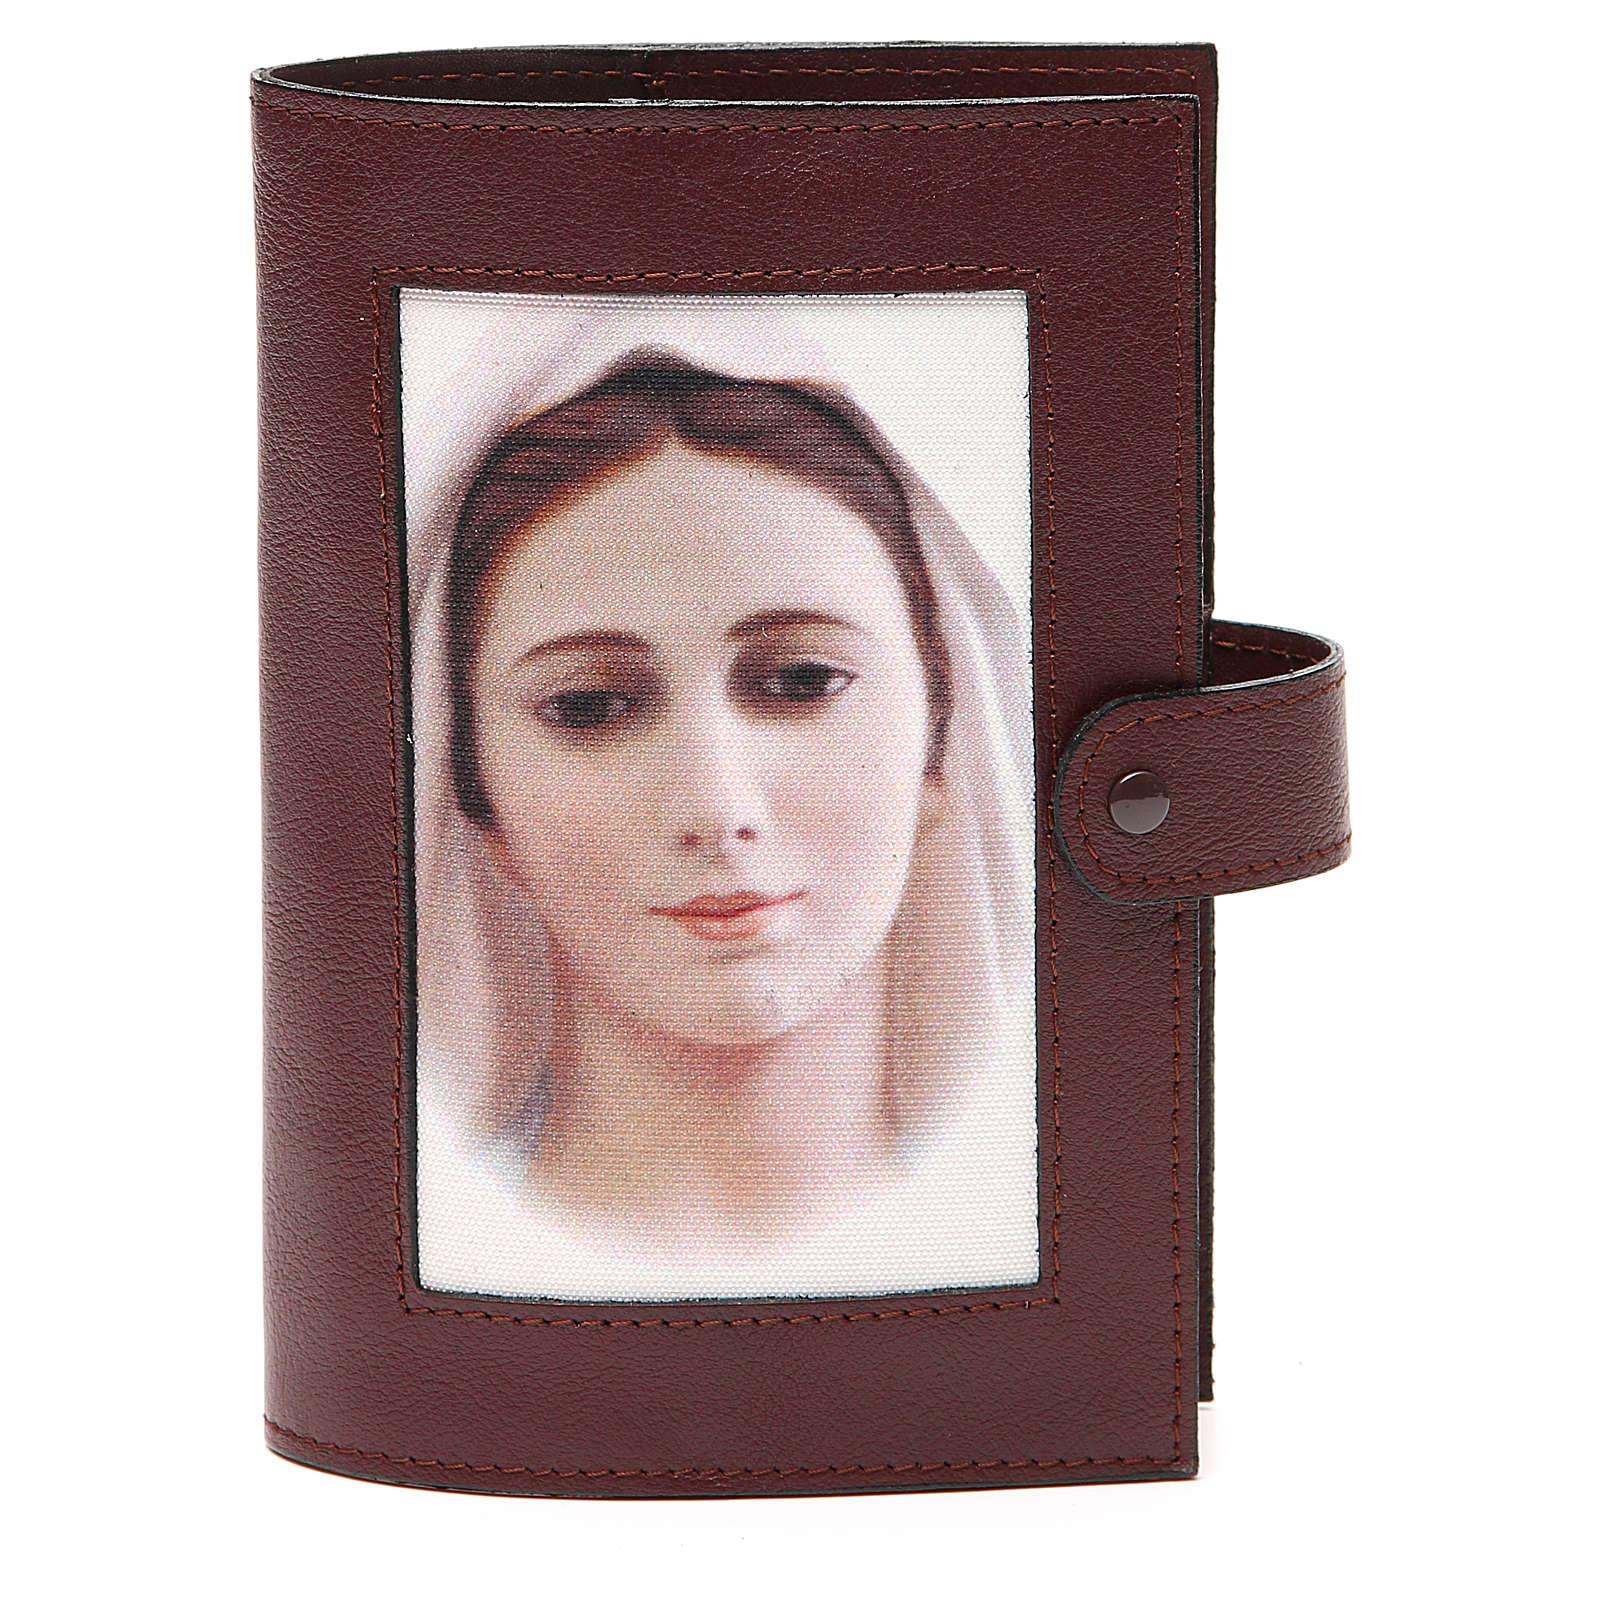 Cop. Lit. 4 vol. pelle testa di moro Madonna immagine 4